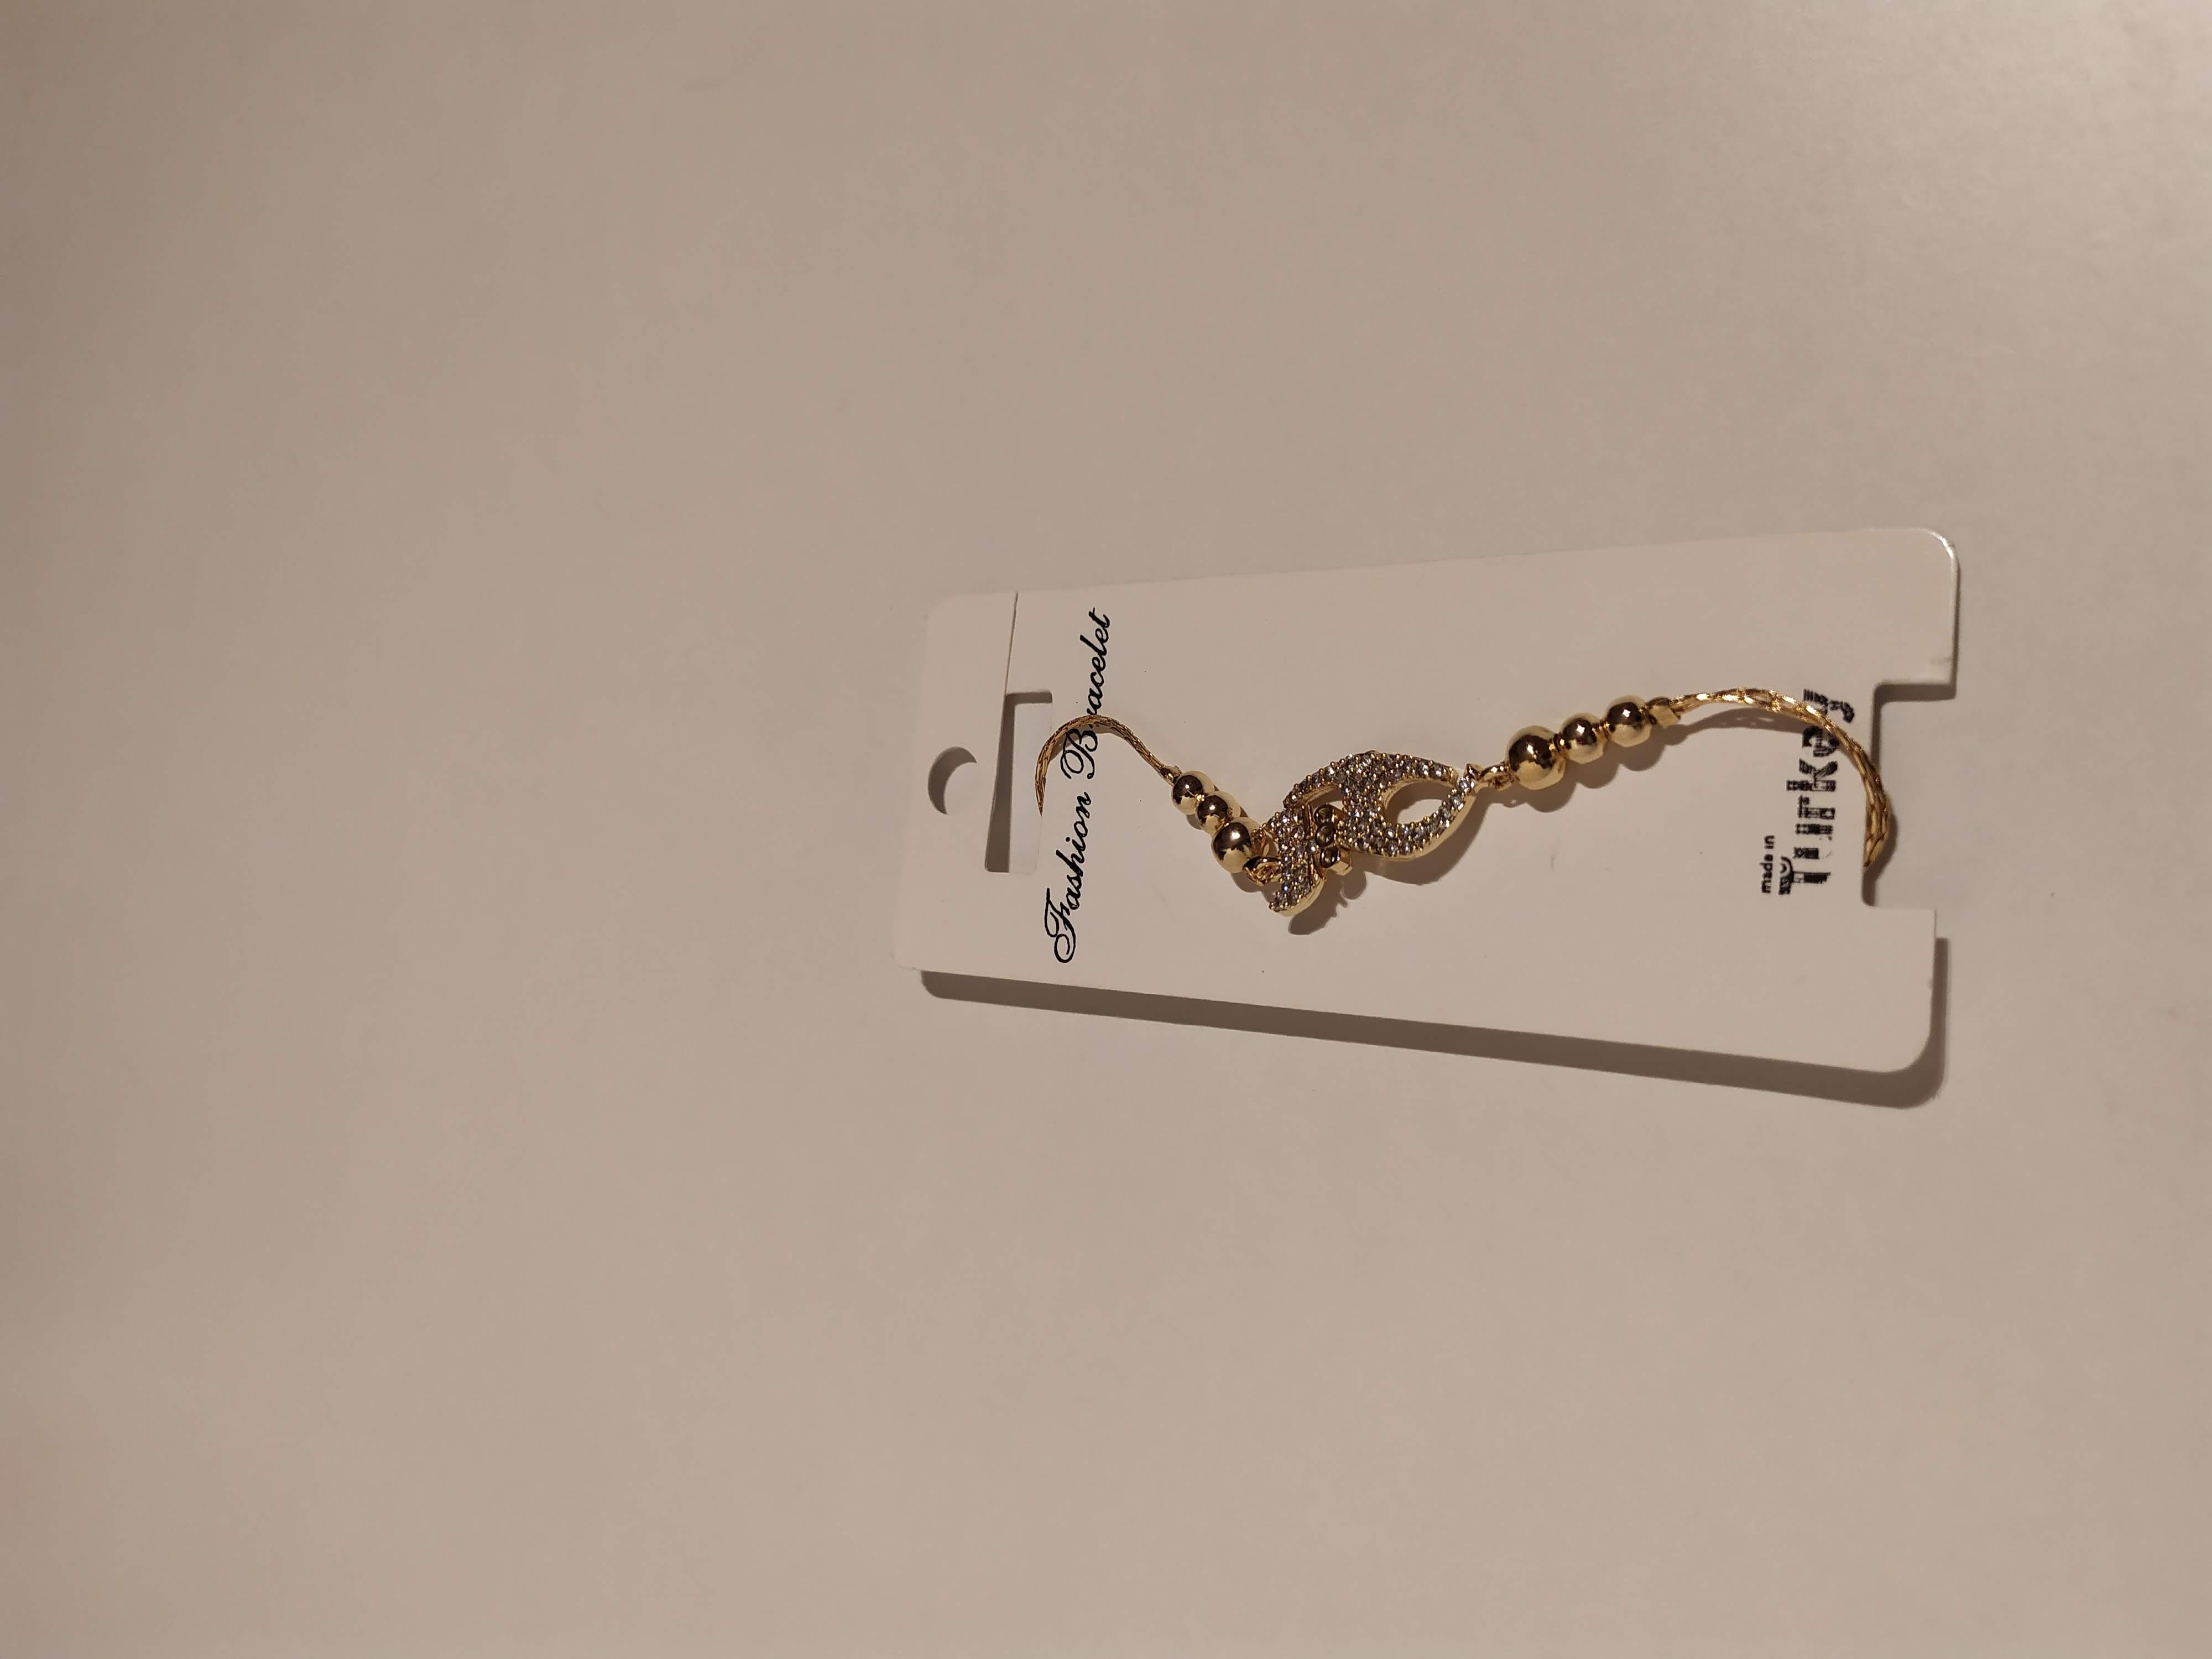 حجر الزيركون ، مطلي بالذهب ، غير مسبوق ، سوار أسود / Zircon Stone, Gold Plated, Non Allergic, Bracelet_8